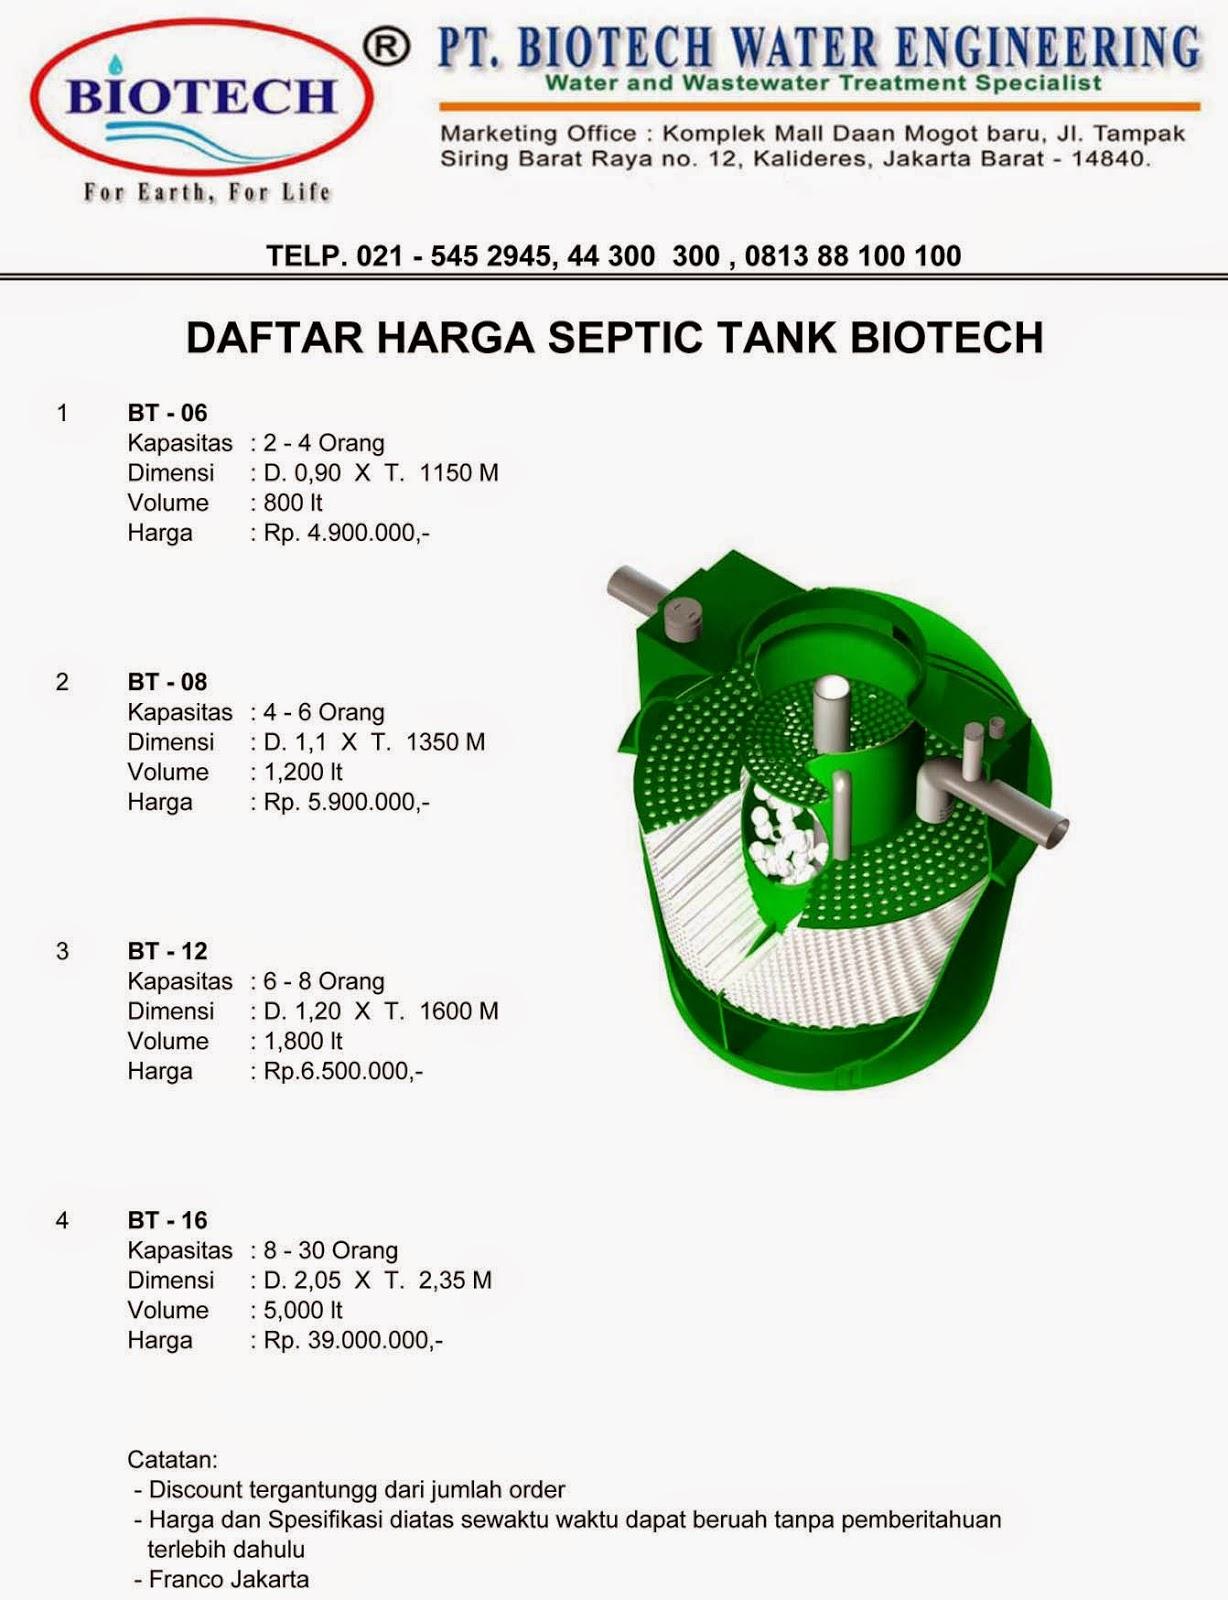 daftar harga septic tank biotech, biofive, biogift, biofil, biomaster, induro, price list